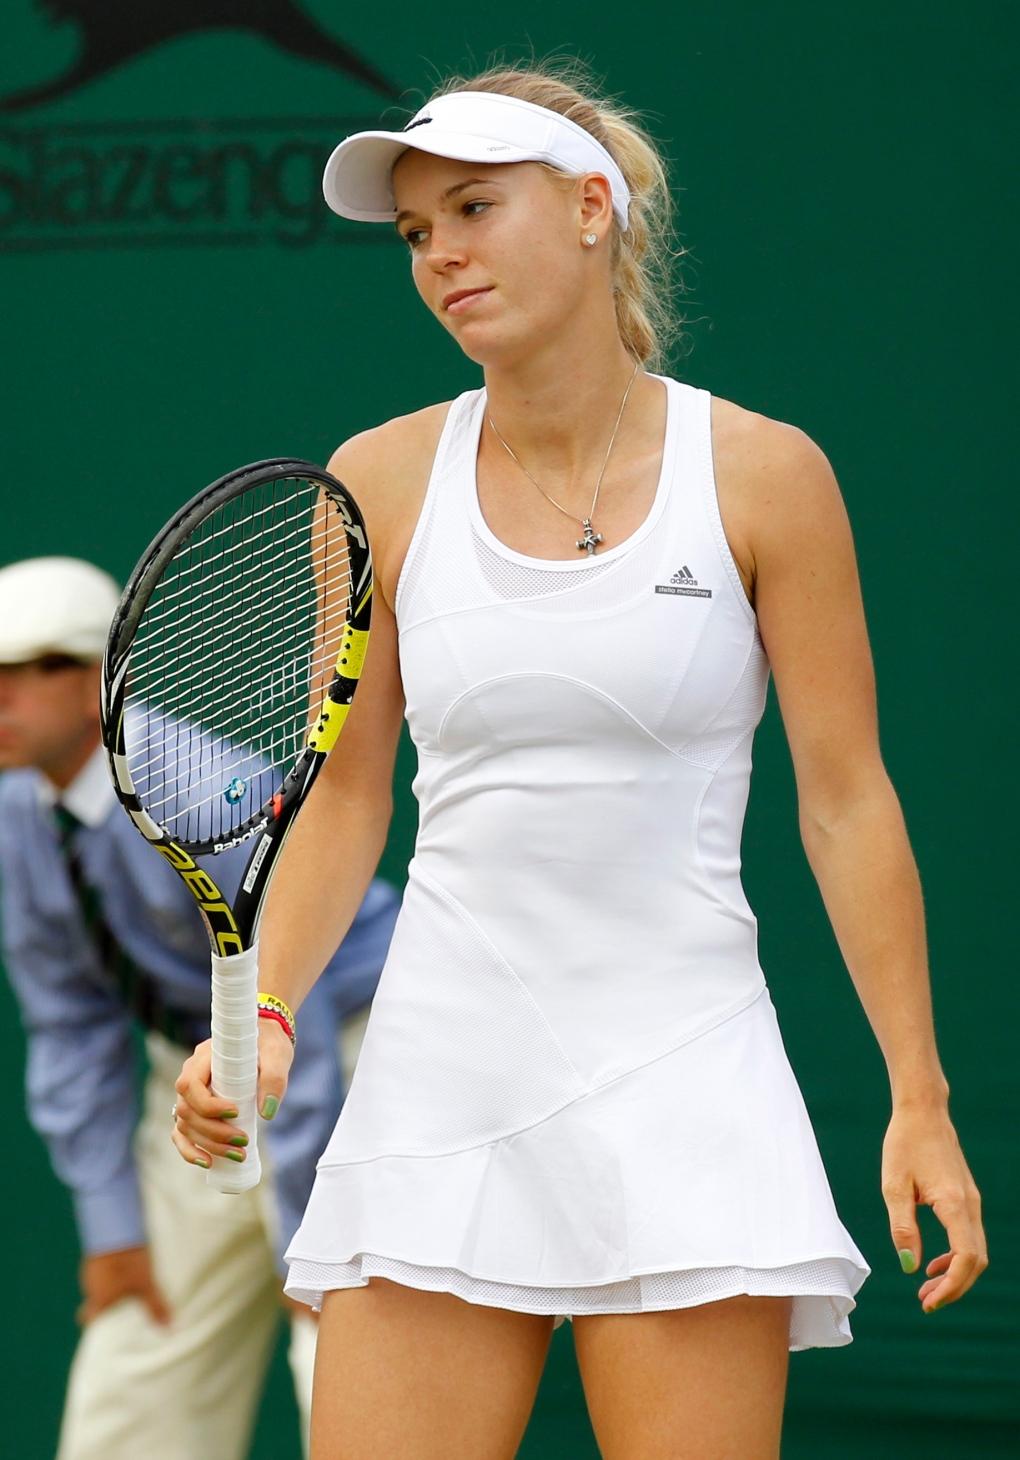 Wozniacki Tennis